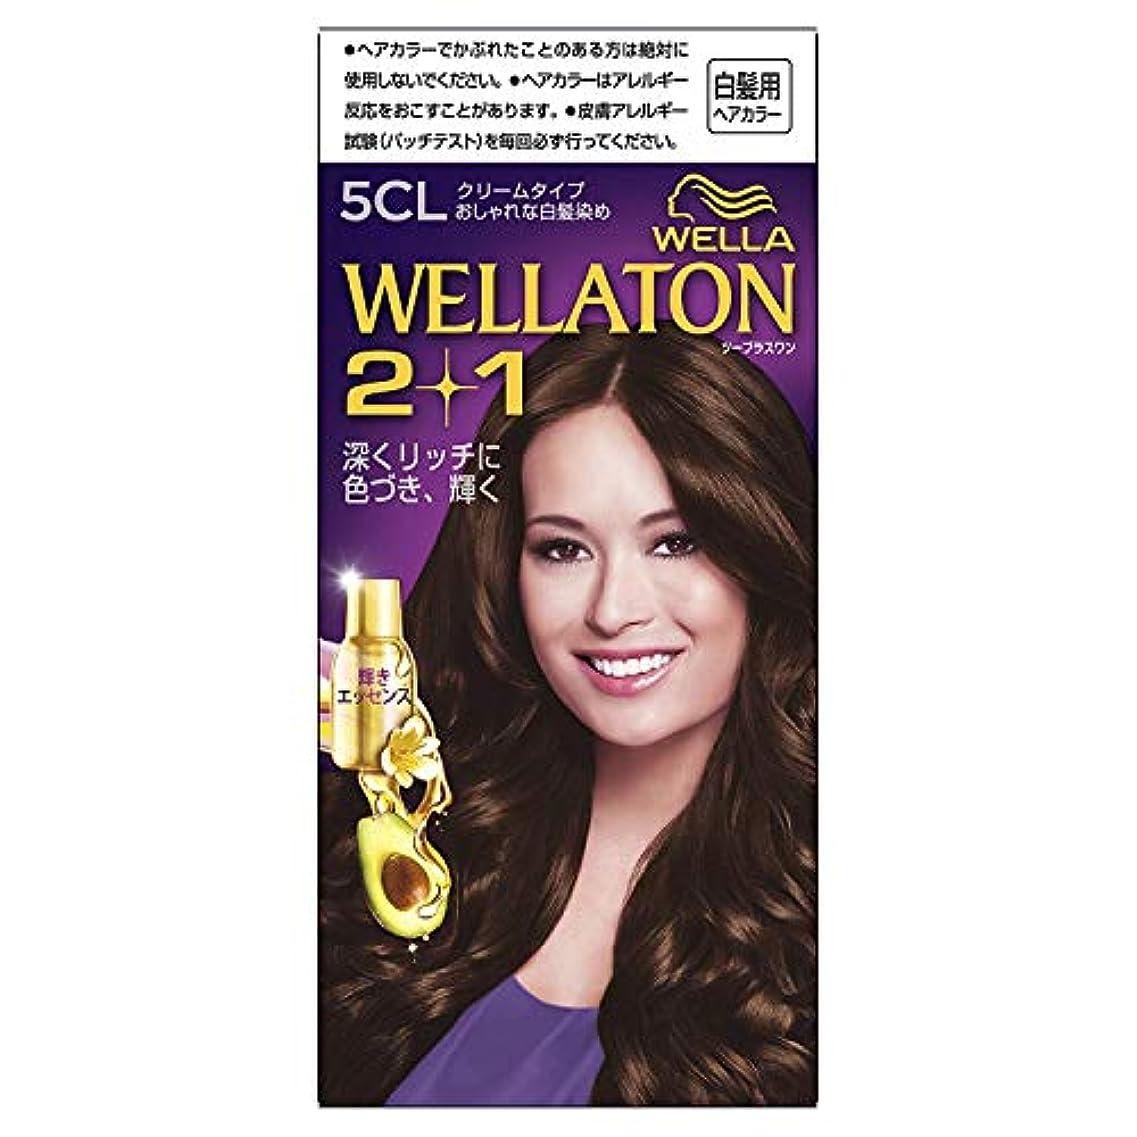 揃える吸収顕現ウエラトーン2+1 クリームタイプ 5CL [医薬部外品]×3個